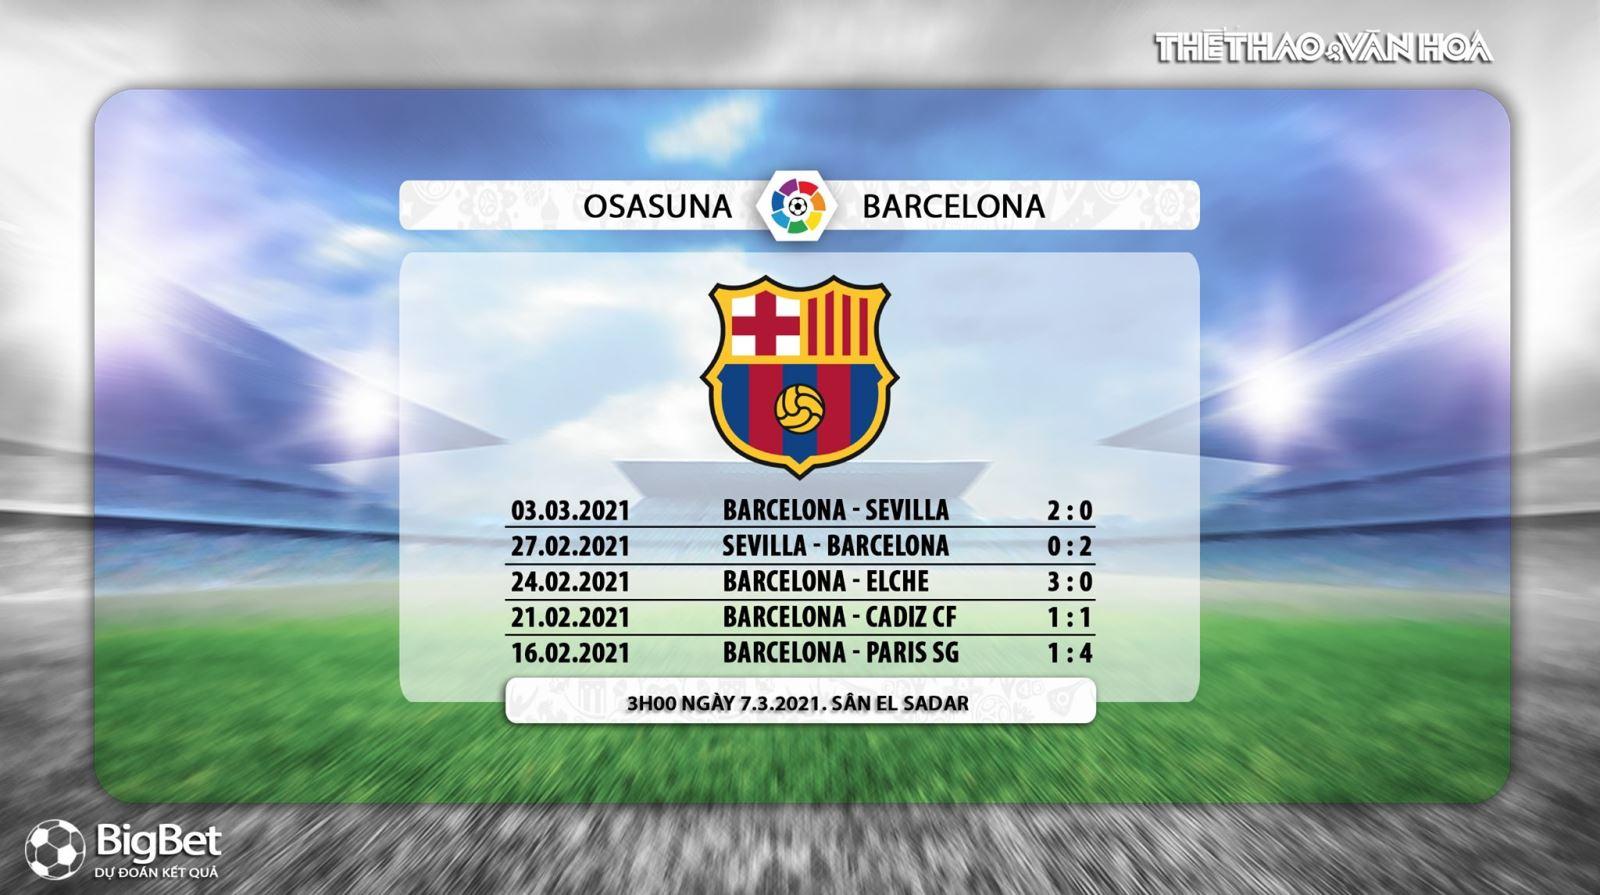 Keo nha cai, kèo nhà cái, Osasuna vs Barcelona, BĐTV trực tiếp bóng đá Tây Ban Nha, Barca, soi kèo Barcelona đấu với Osasuna, trực tiếp La Liga, bảng xếp hạng bóng đá TBN